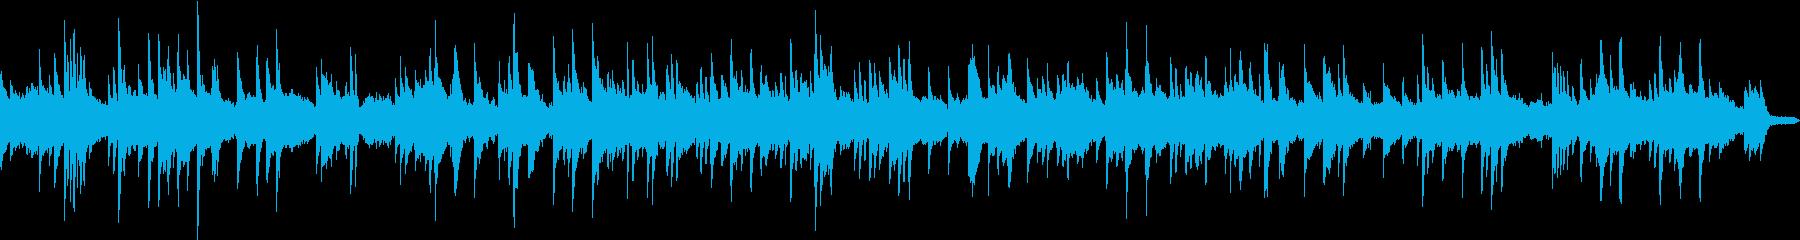 ピアノソロの優しく切ないバラードの再生済みの波形